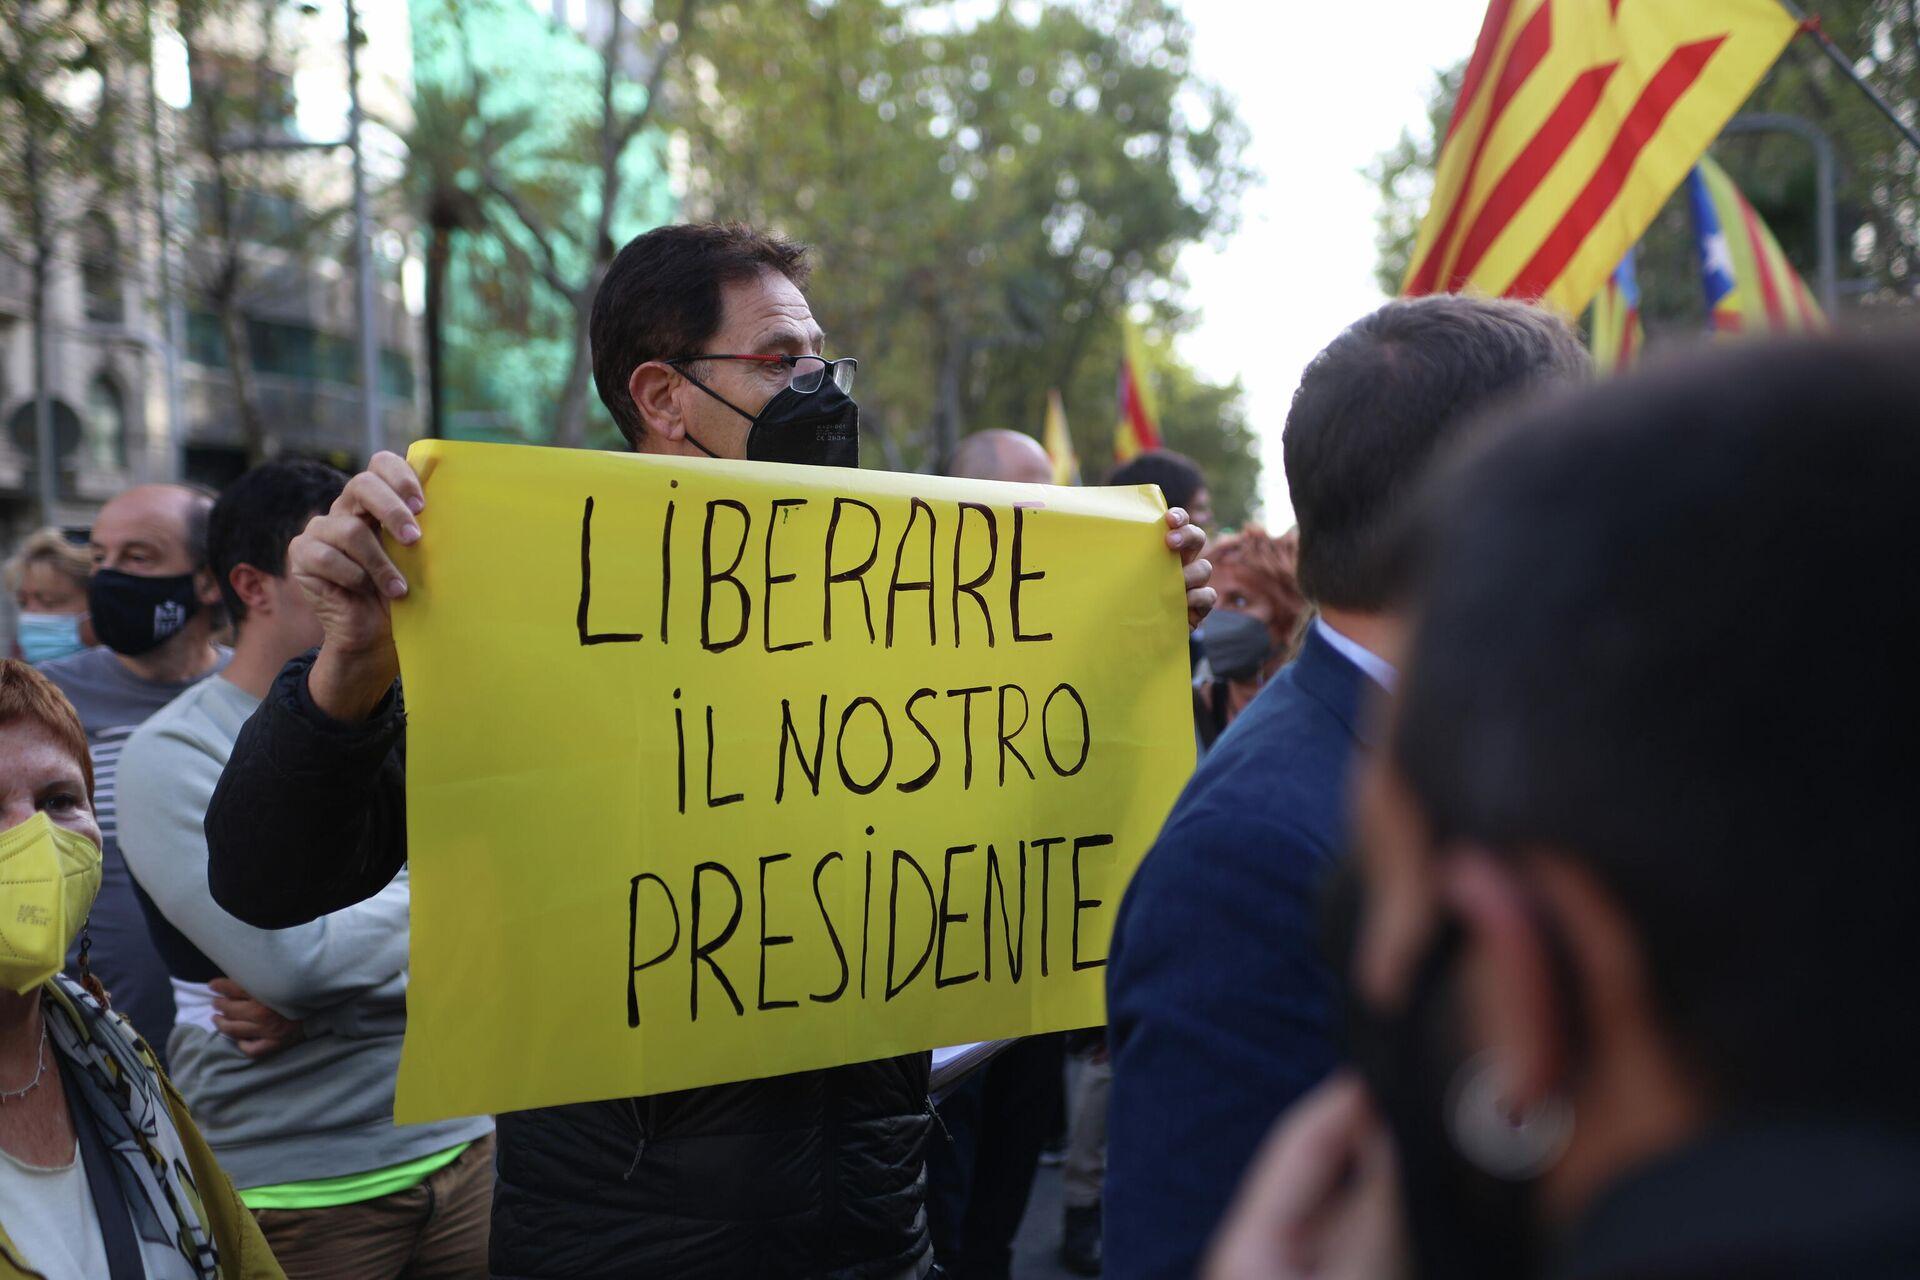 Un hombre muestra una pancarta en italiano en la manifestación para protestar por la detención de Puigdemont - Sputnik Mundo, 1920, 24.09.2021